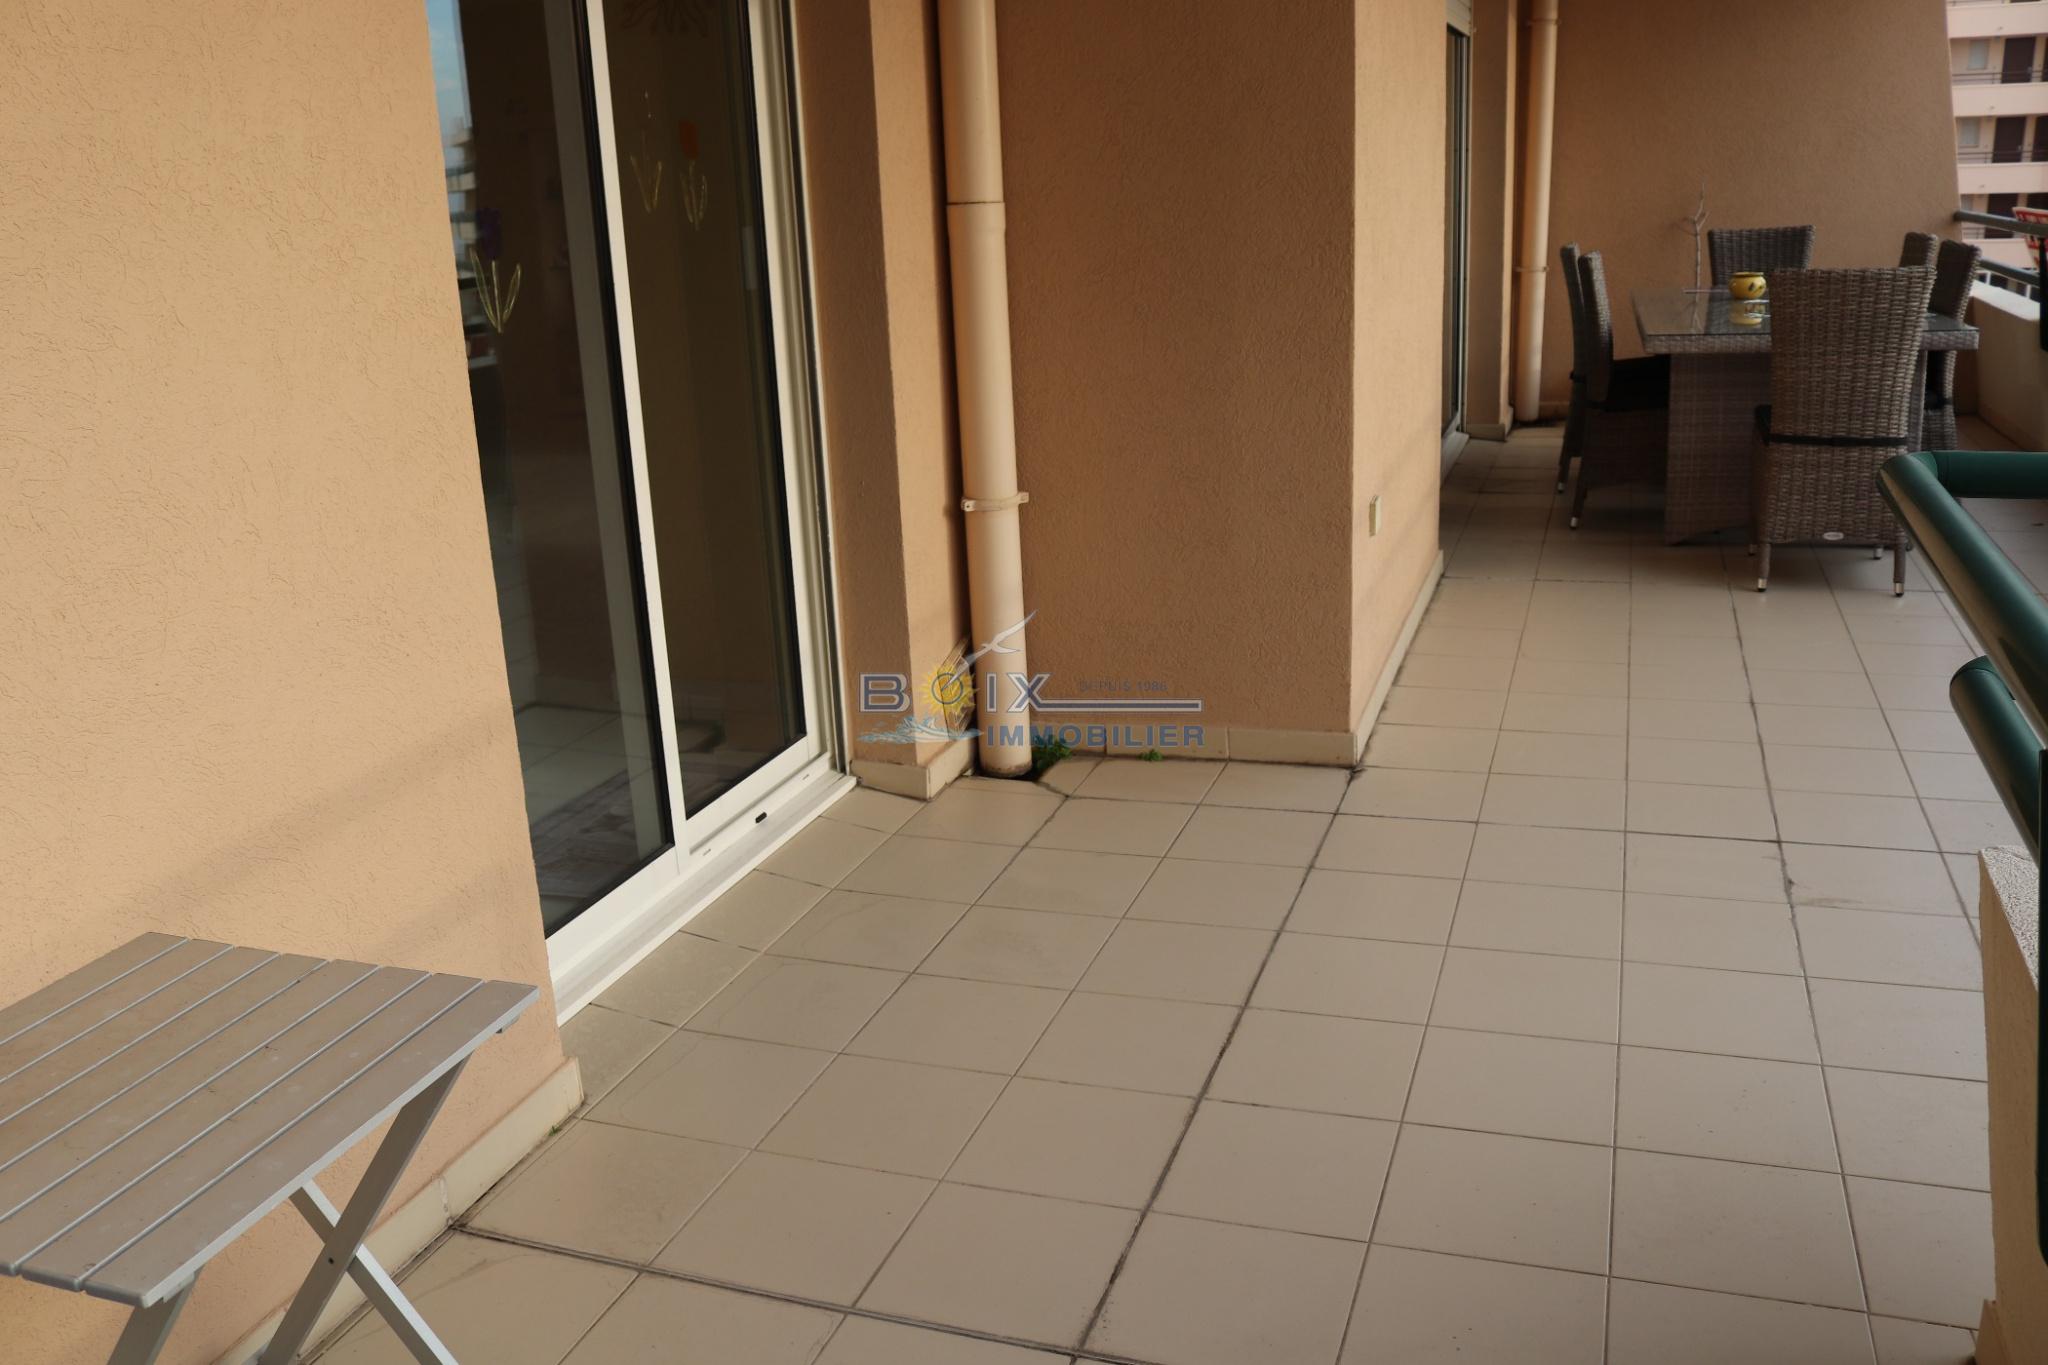 Terrasse appartement T4 corniche sete alt